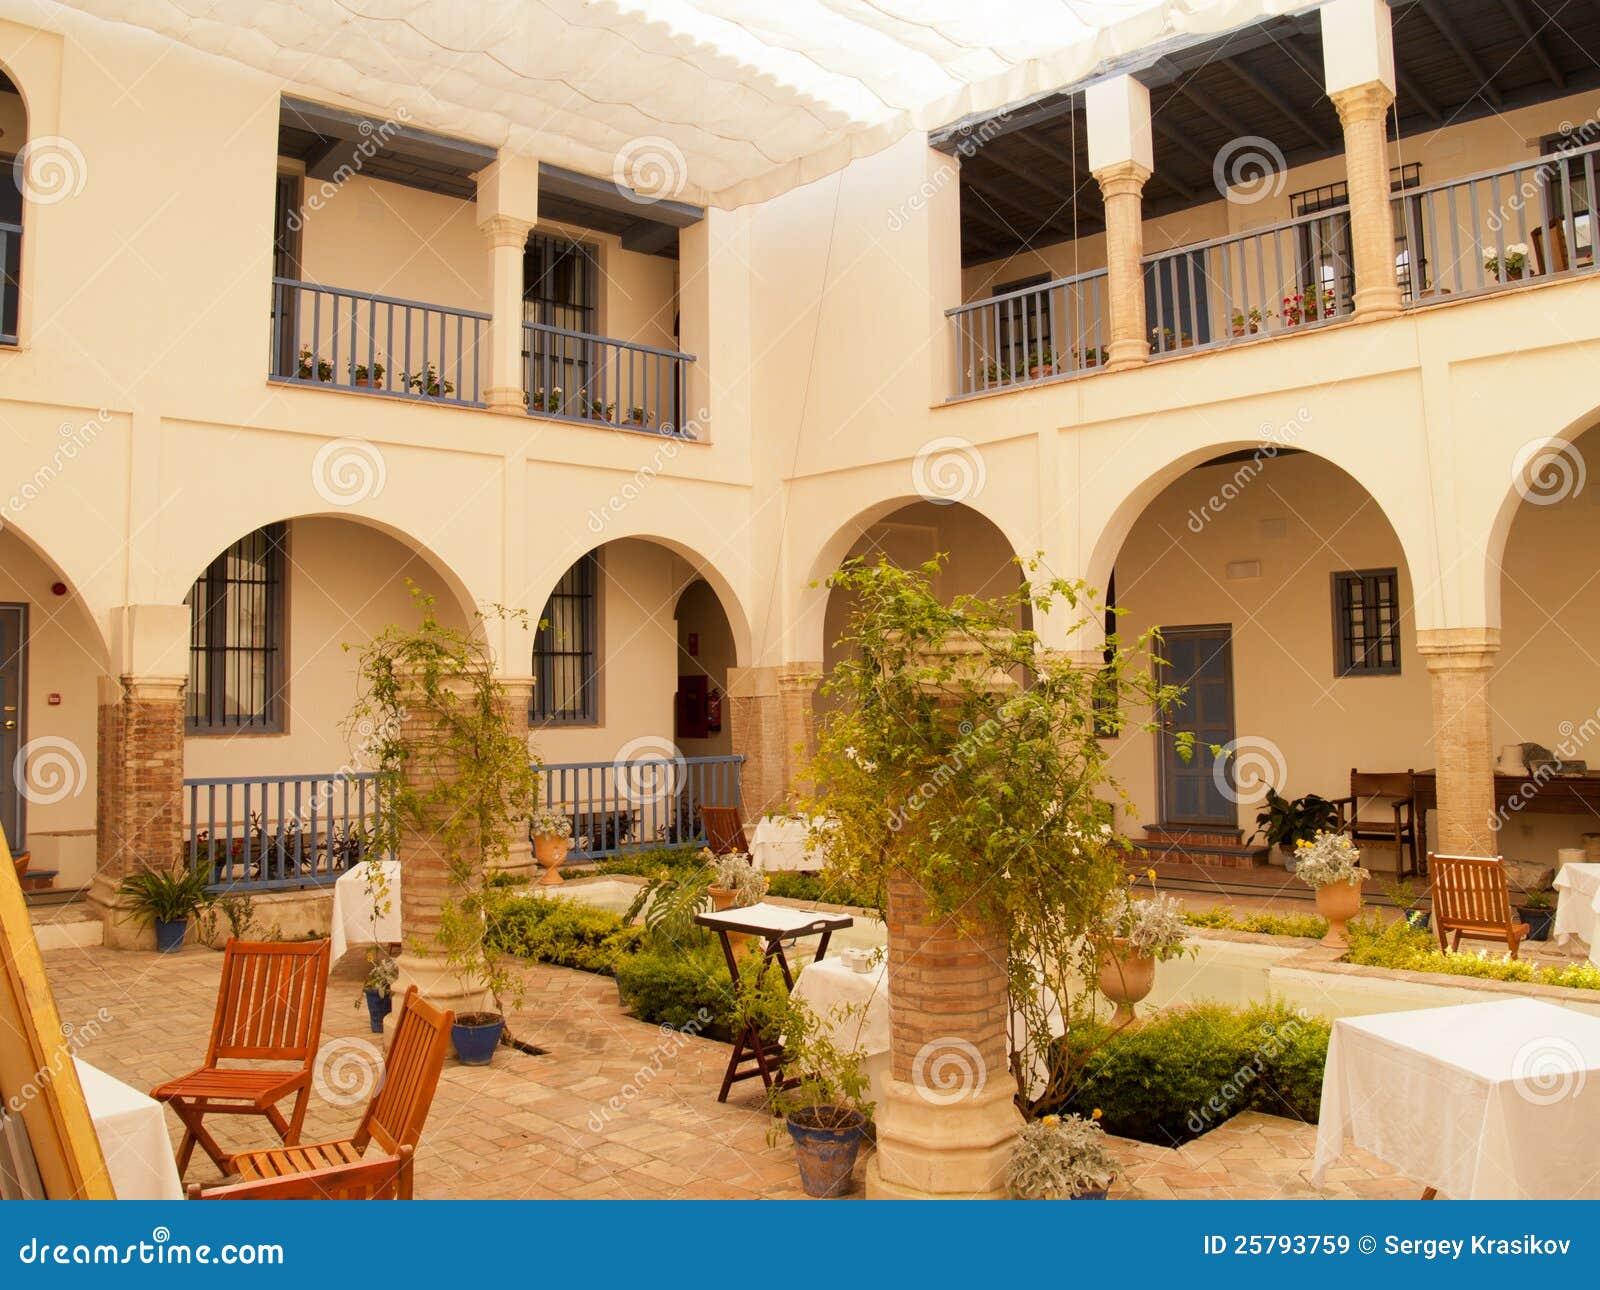 Giardino interno patio della casa storica a cordova - Giardino interno casa ...